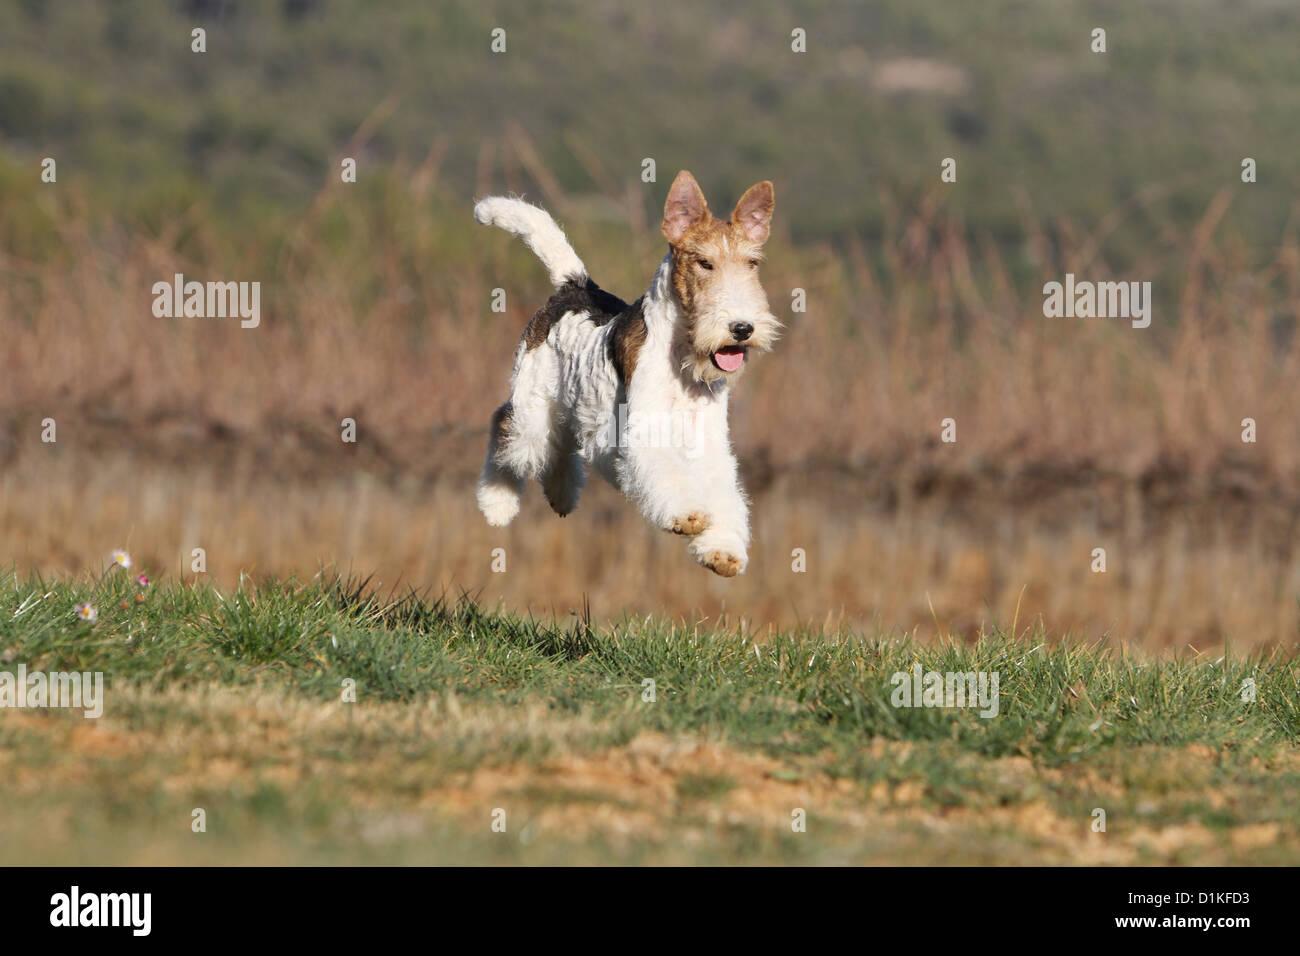 Fox Terrier Dog Running Stockfotos & Fox Terrier Dog Running Bilder ...